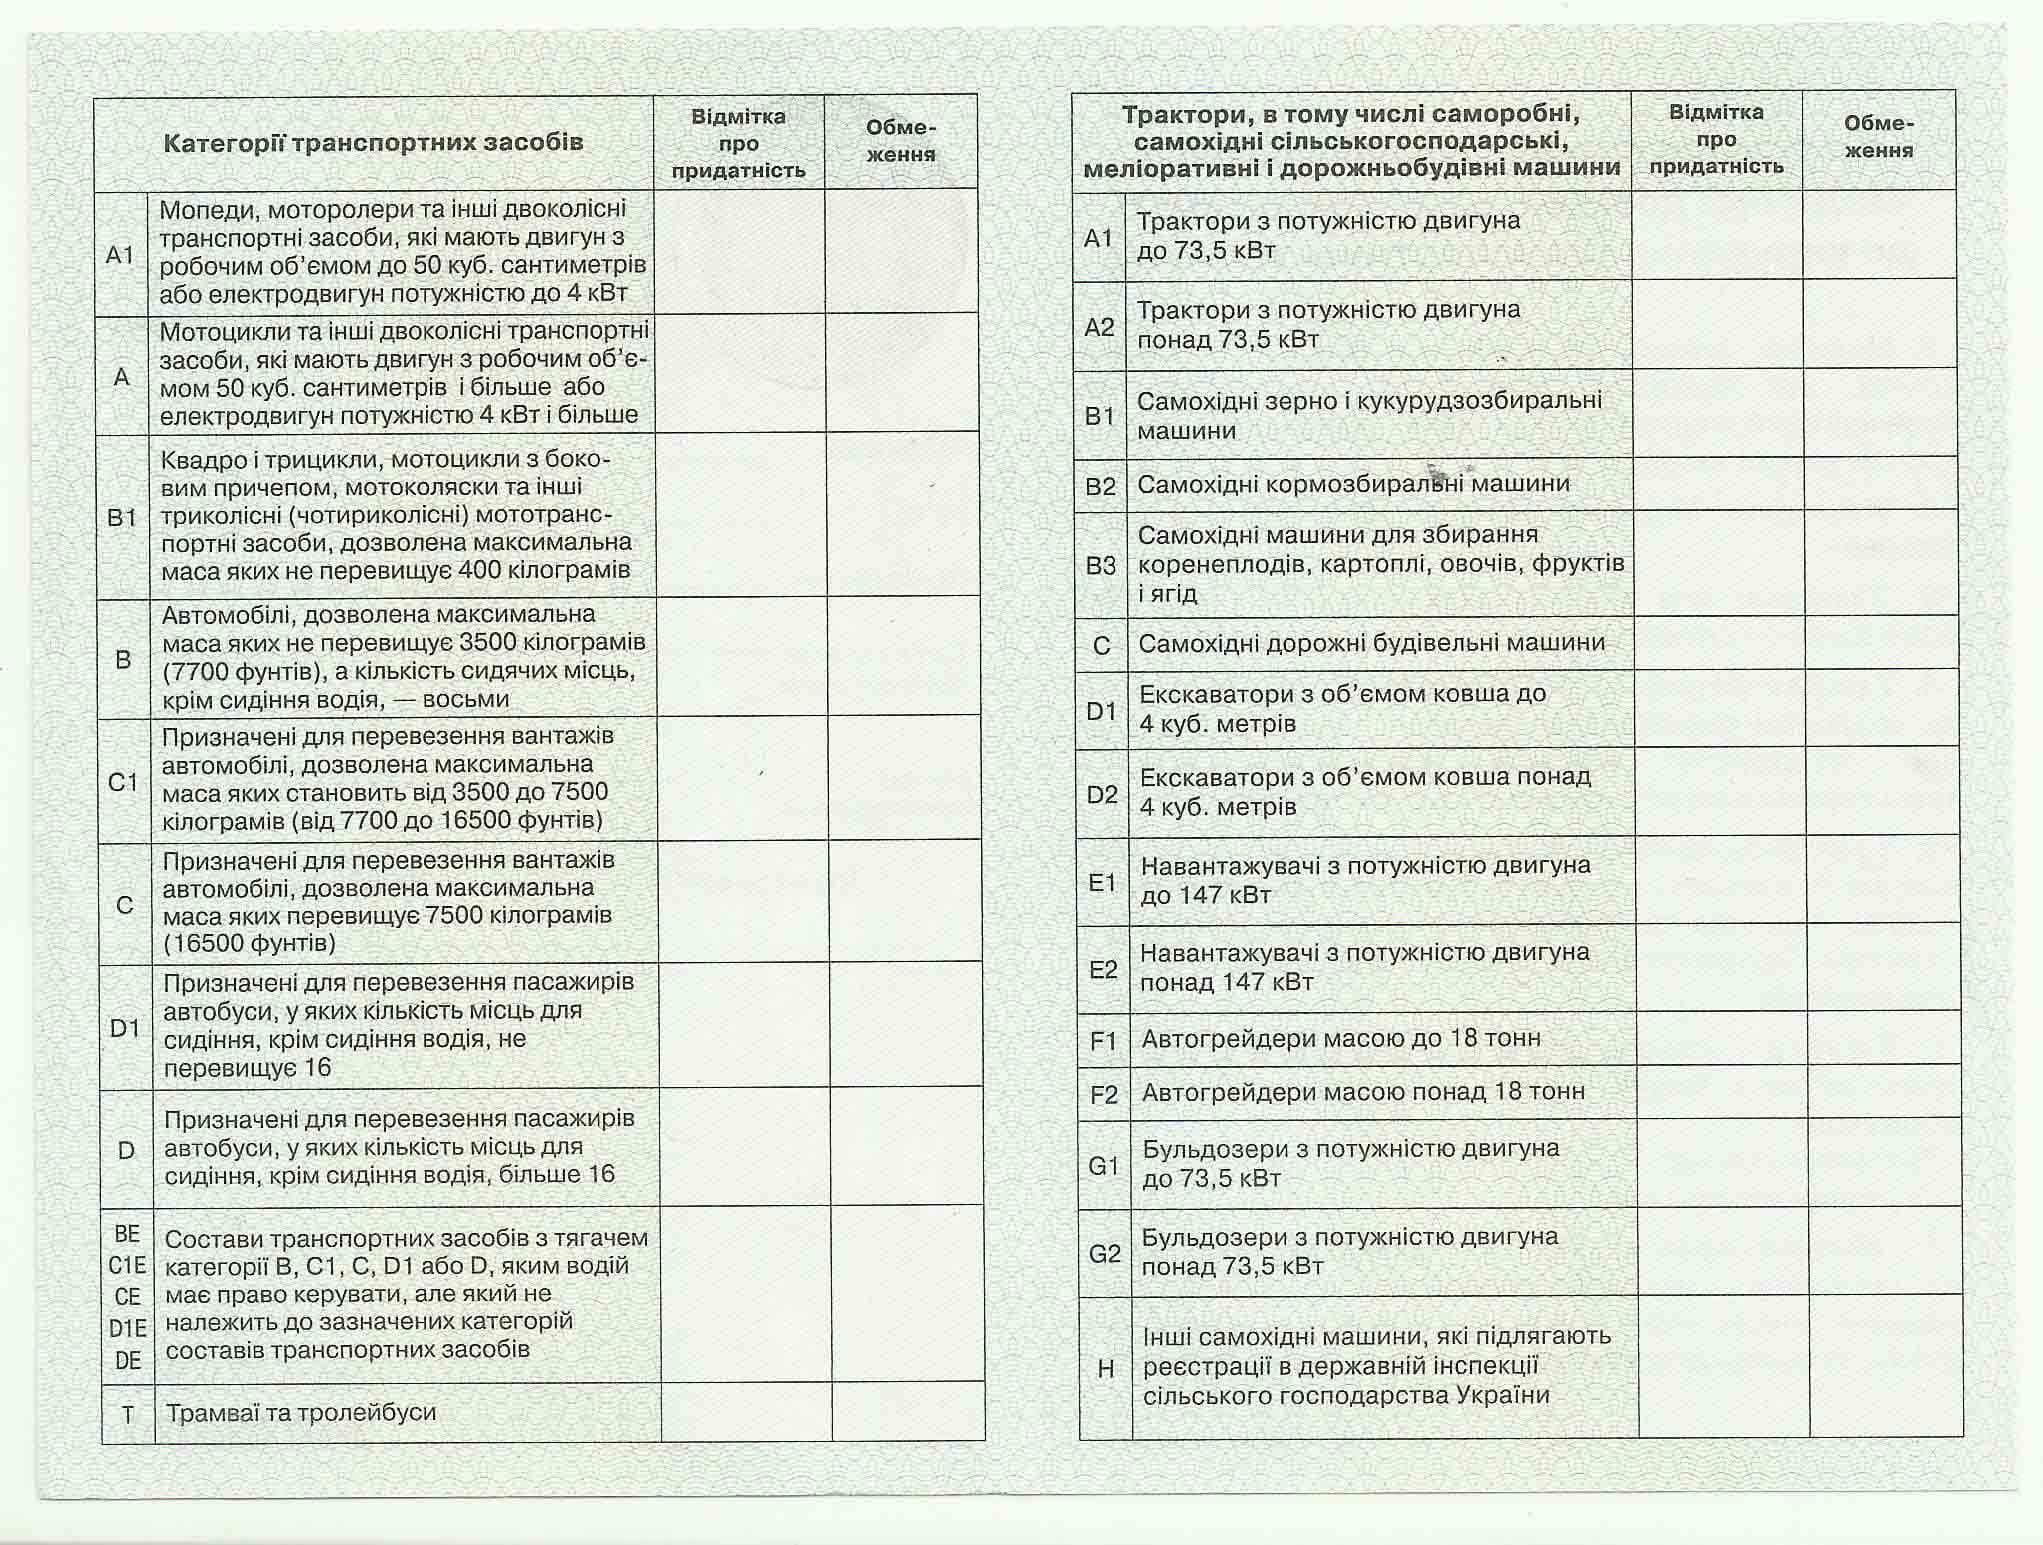 Медицинская справка для водителей Киев